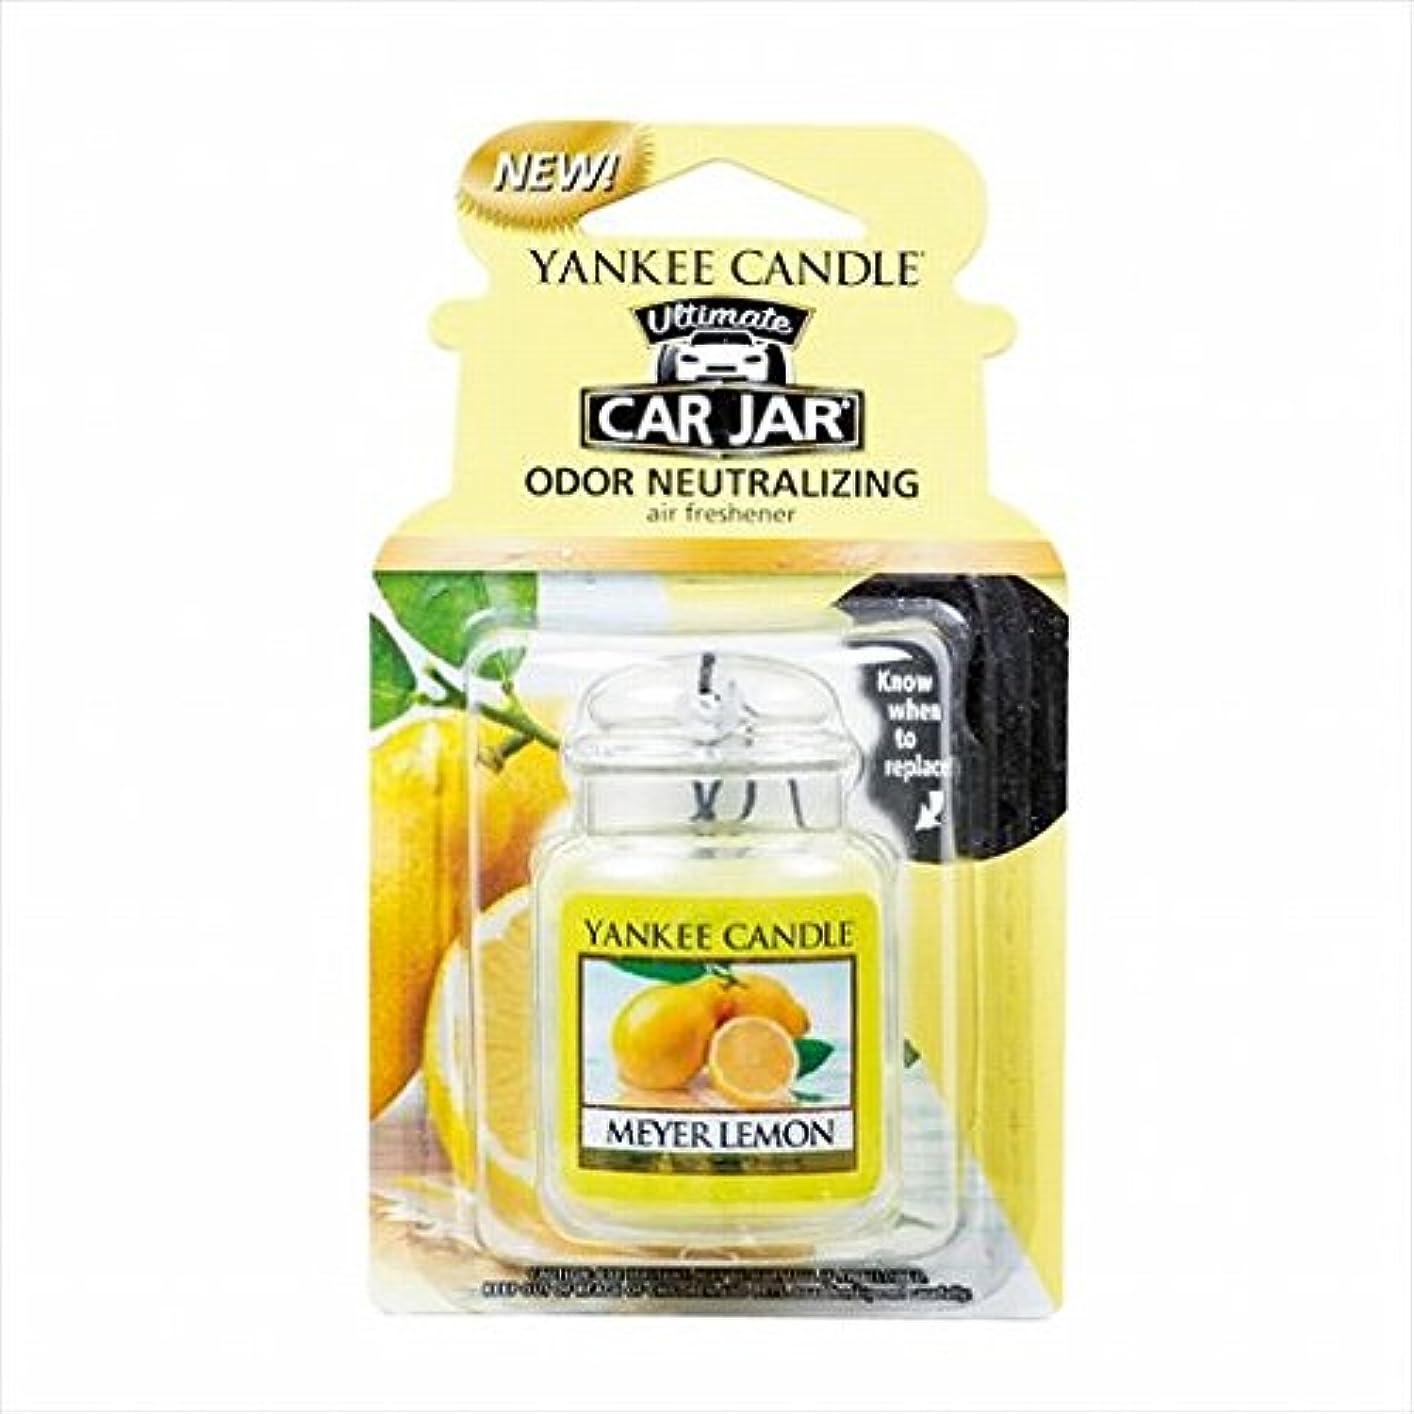 半円優れました承認カメヤマキャンドル(kameyama candle) YANKEE CANDLE ネオカージャー 「 メイヤーレモン 」